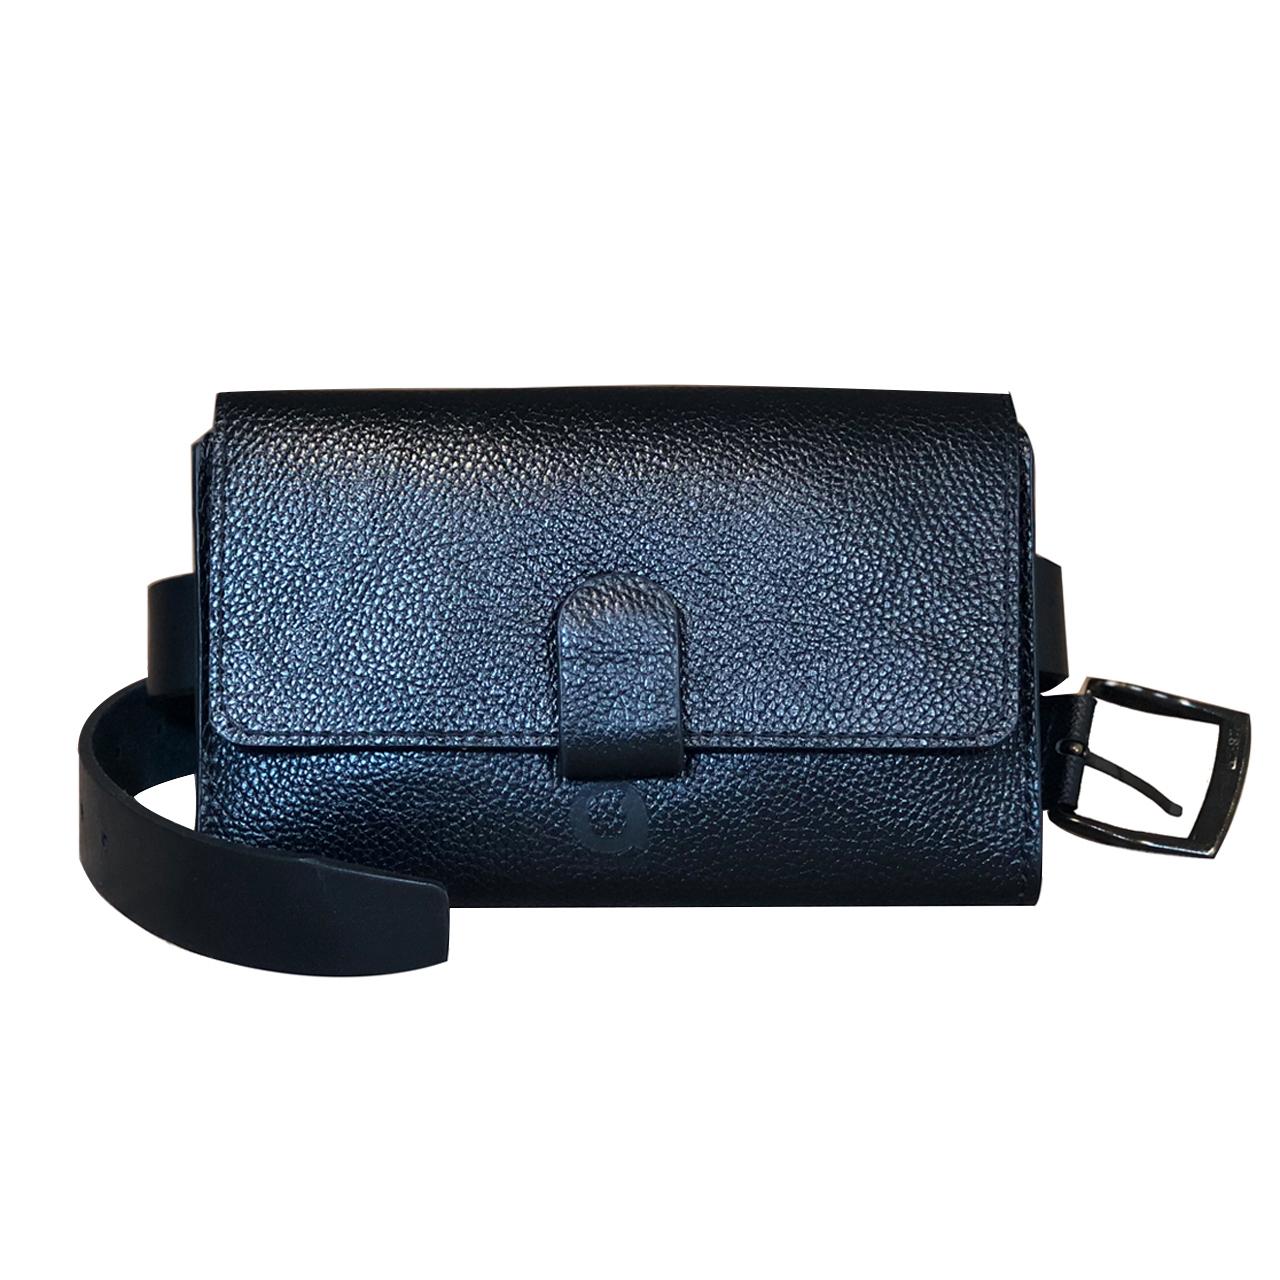 کیف چرمی گلیما مدل 309